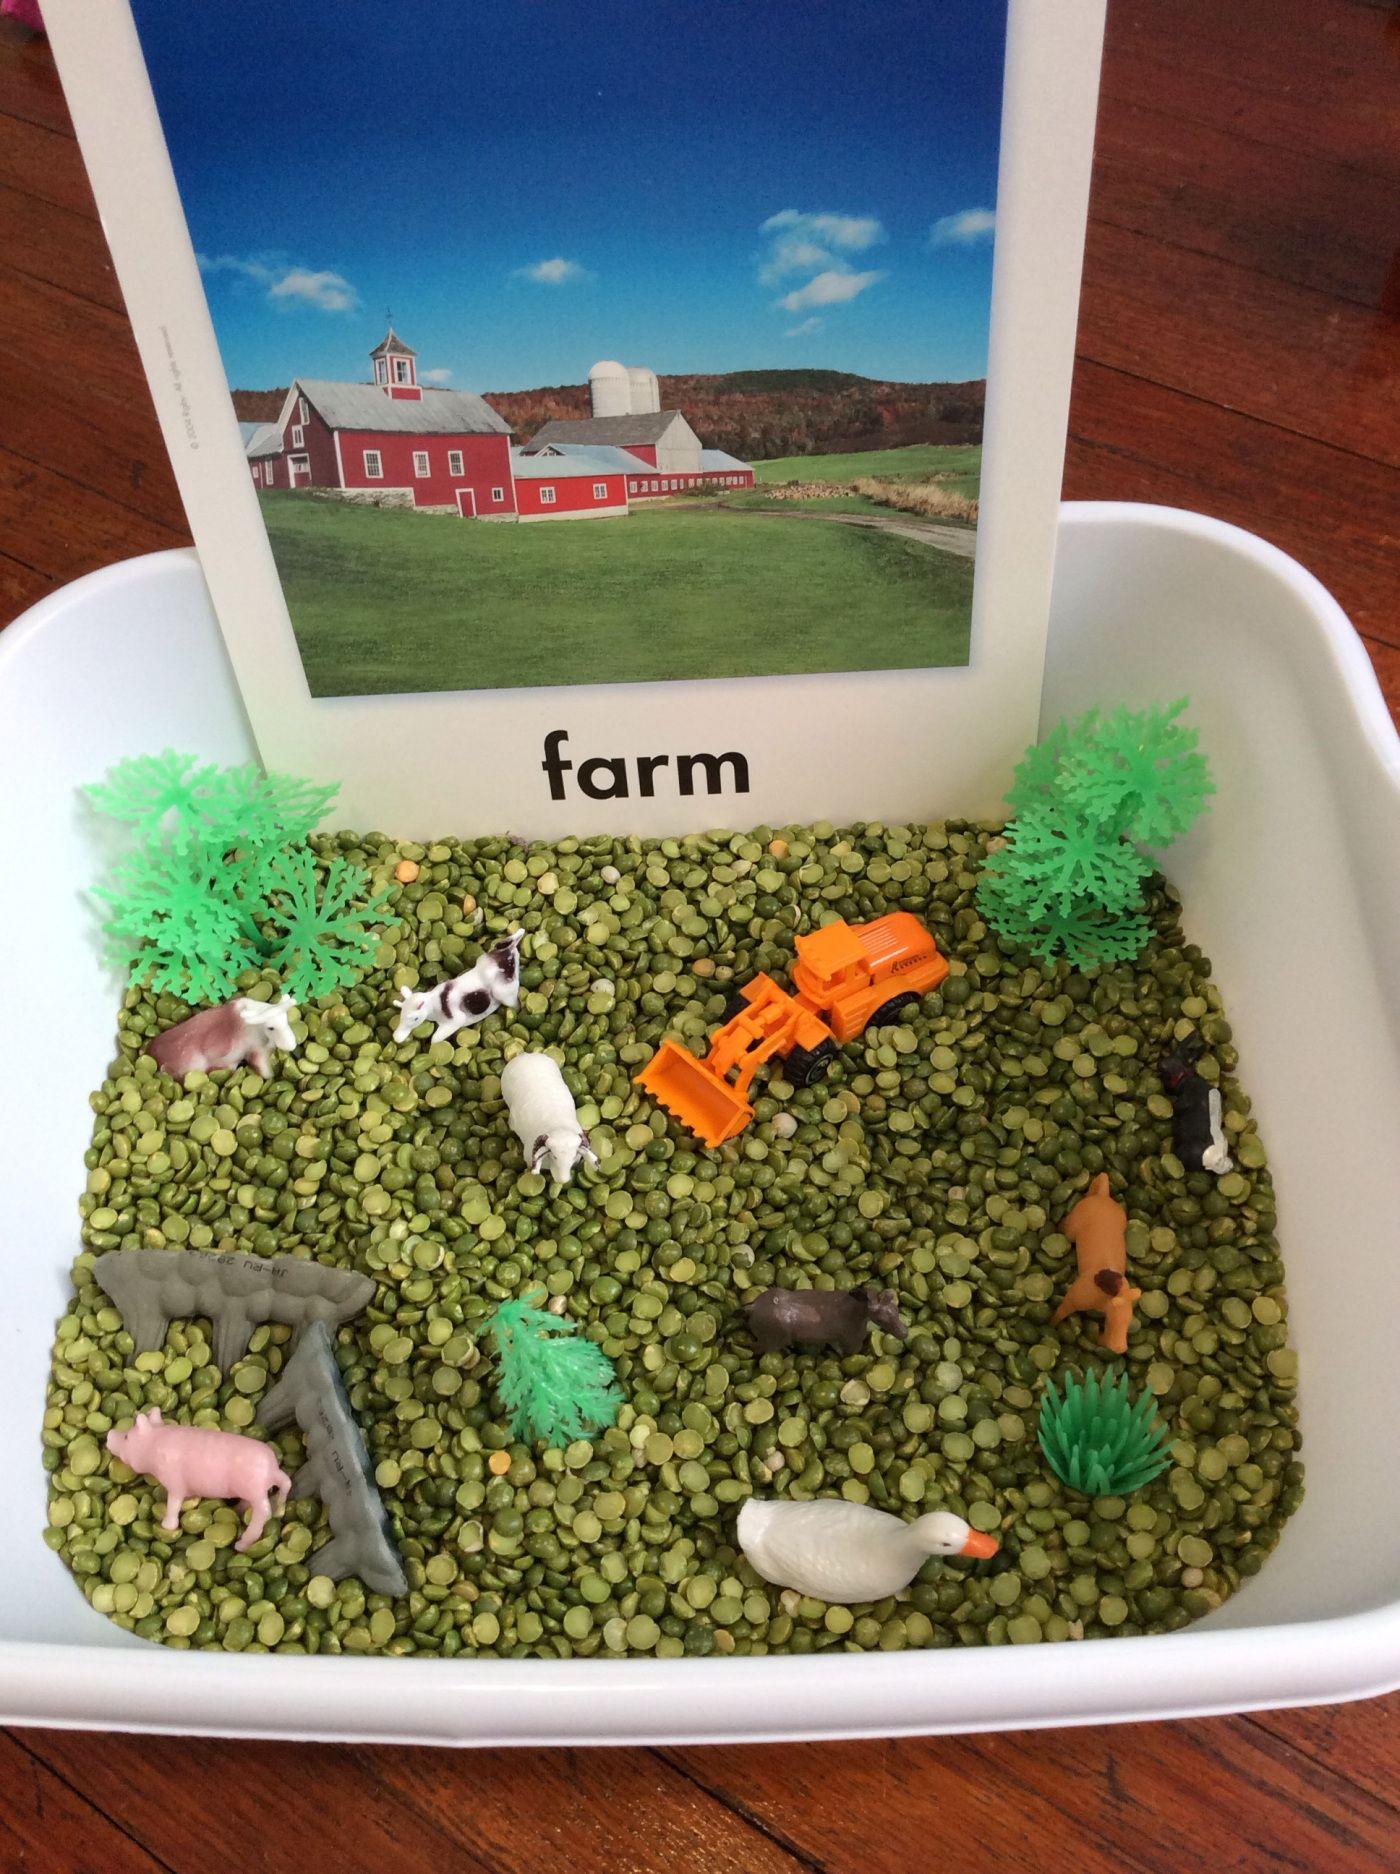 Farm Toddler Theme